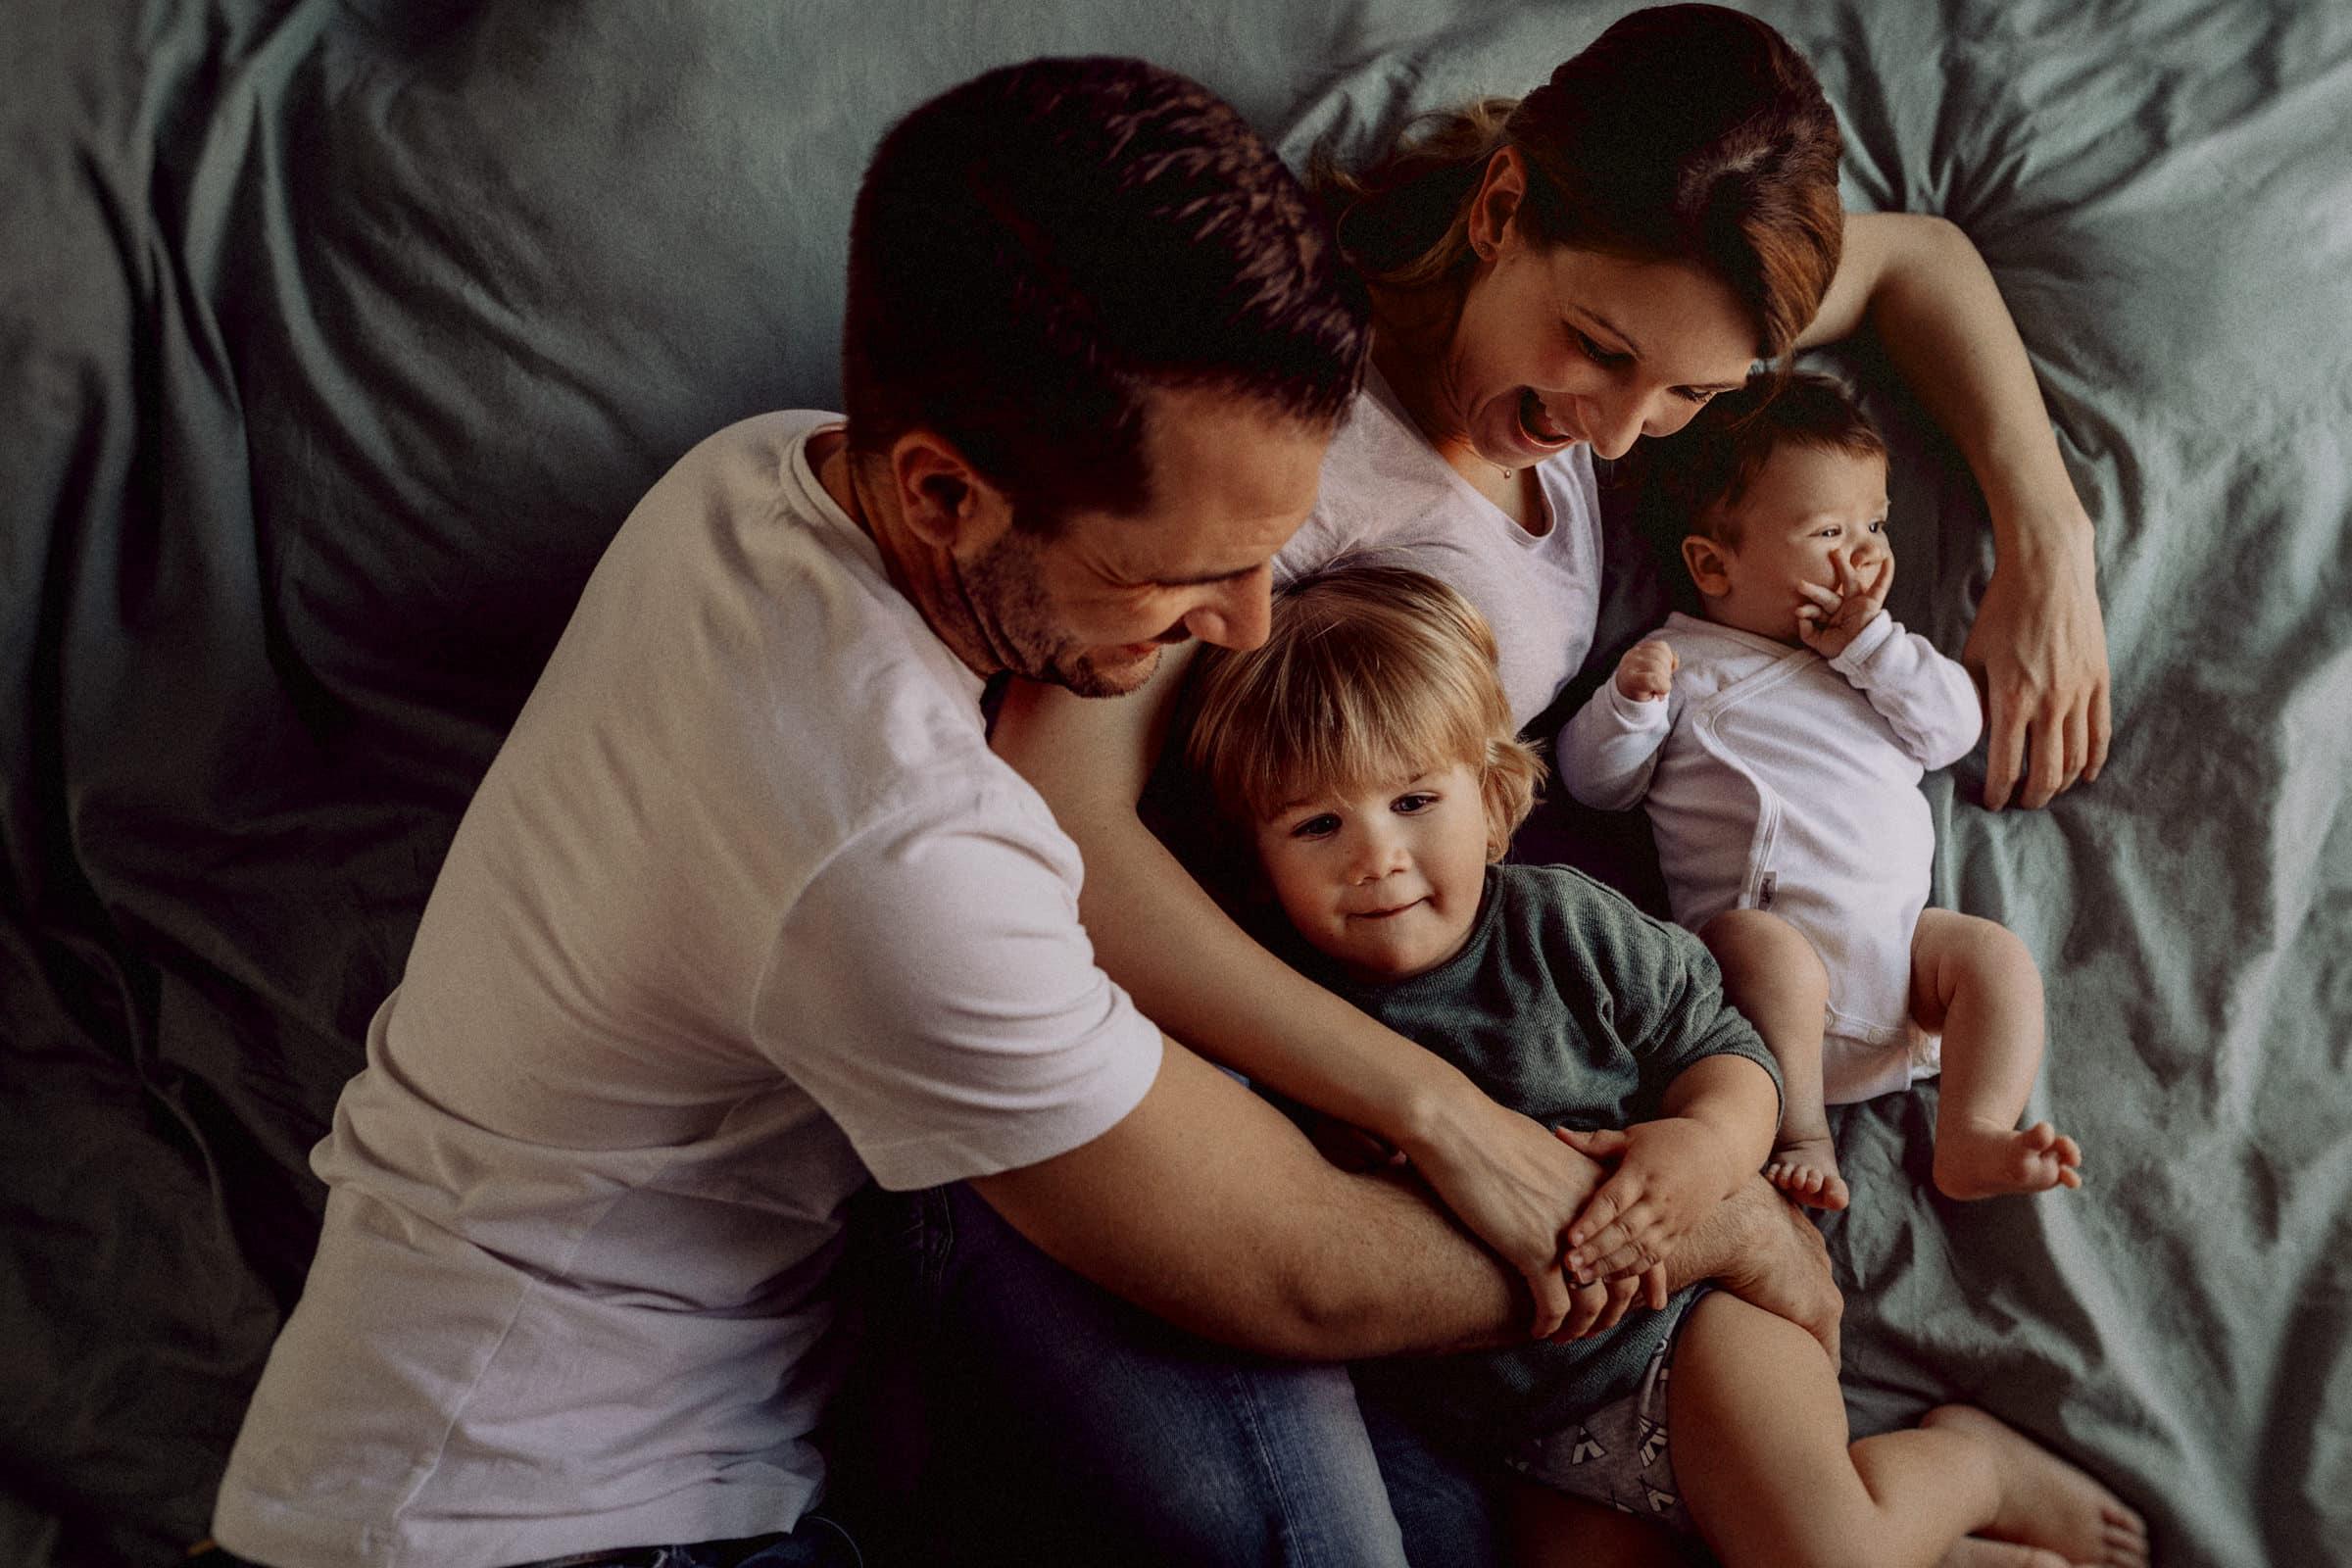 Familienbilder zu Hause